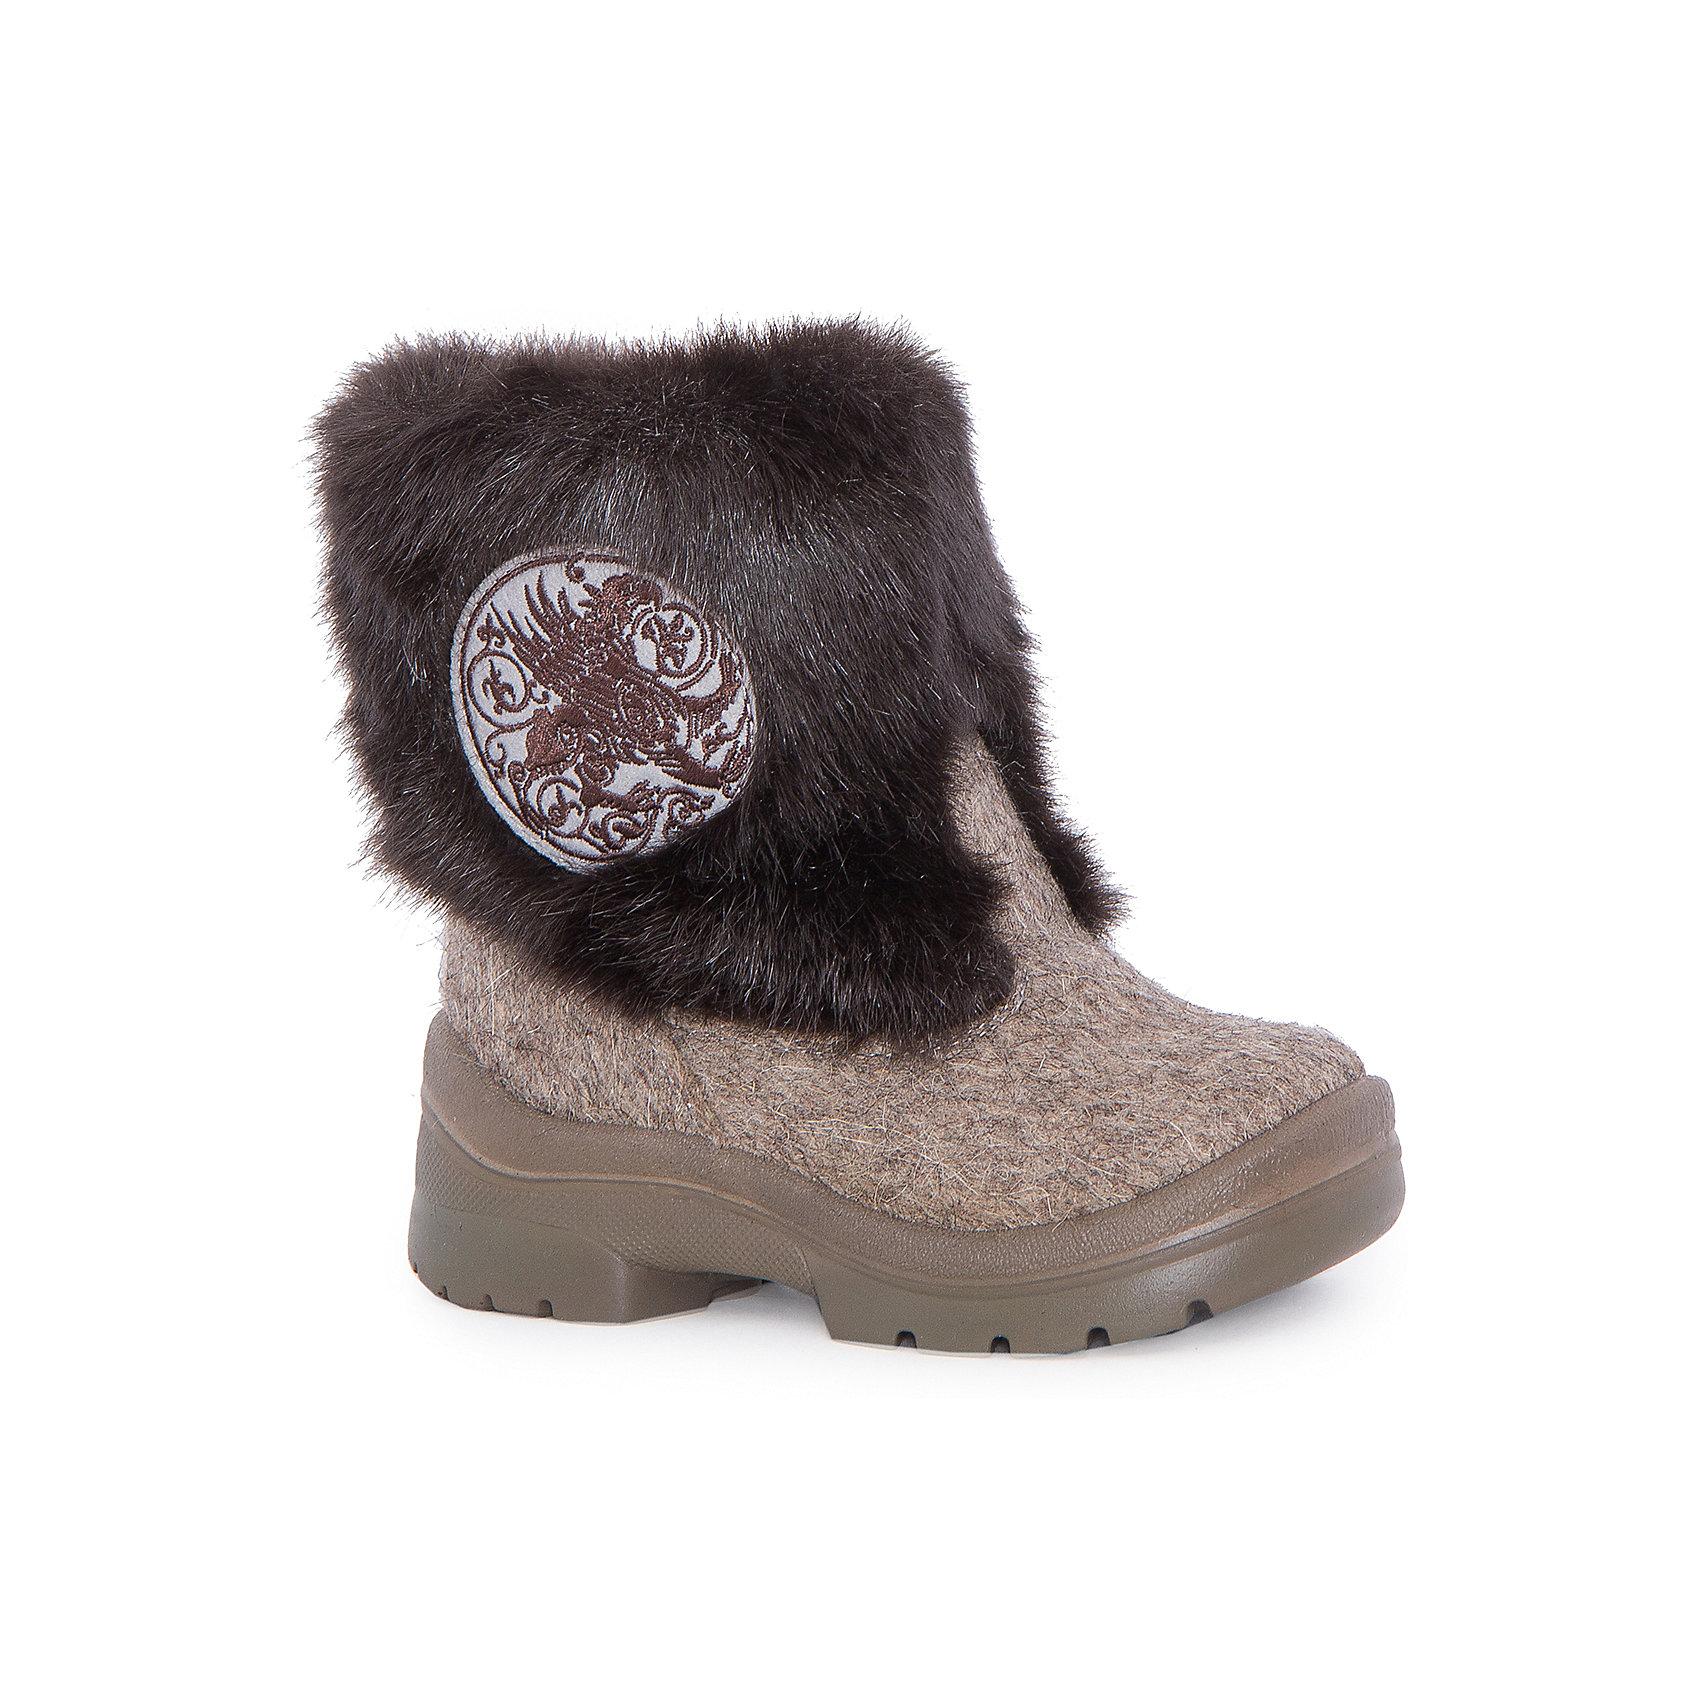 Валенки Грифон для мальчика ФилипокВаленки<br>Характеристики товара:<br><br>• цвет: серый<br>• температурный режим: от -5° С до -30° С<br>• внешний материал: эко-войлок (натуральная шерсть)<br>• подкладка: натуральная овечья шерсть<br>• стелька: шерстяной войлок (3,5 мм)<br>• подошва: литая, полиуретан<br>• декорированы искусственным мехом<br>• подошва с анти скользящей с системой протектора anti slip<br>• защита носка - натуральная кожа с износостойкой пропиткой<br>• усиленная пятка<br>• толстая устойчивая подошва<br>• страна бренда: РФ<br>• страна изготовитель: РФ<br><br>Очень теплые и удобные валенки для ребенка от известного бренда детской обуви Филипок созданы специально для русской зимы. Качественные материалы с пропиткой против попадания воды внутрь и модный дизайн понравятся и малышам и их родителям. Подошва и стелька обеспечат ребенку комфорт, сухость и тепло, позволяя в полной мере наслаждаться зимним отдыхом. Усиленная защита пятки и носка обеспечивает дополнительную безопасность детских ног в этих сапожках.<br>Эта красивая и удобная обувь прослужит долго благодаря отличному качеству. Производитель анти скользящее покрытие и амортизирующие свойства подошвы! Модель производится из качественных и проверенных материалов, которые безопасны для детей.<br><br>Валенки для мальчика от бренда Филипок можно купить в нашем интернет-магазине.<br><br>Ширина мм: 257<br>Глубина мм: 180<br>Высота мм: 130<br>Вес г: 420<br>Цвет: серый<br>Возраст от месяцев: 36<br>Возраст до месяцев: 48<br>Пол: Мужской<br>Возраст: Детский<br>Размер: 27,26,25,24,23,22,28,30,29<br>SKU: 4207348